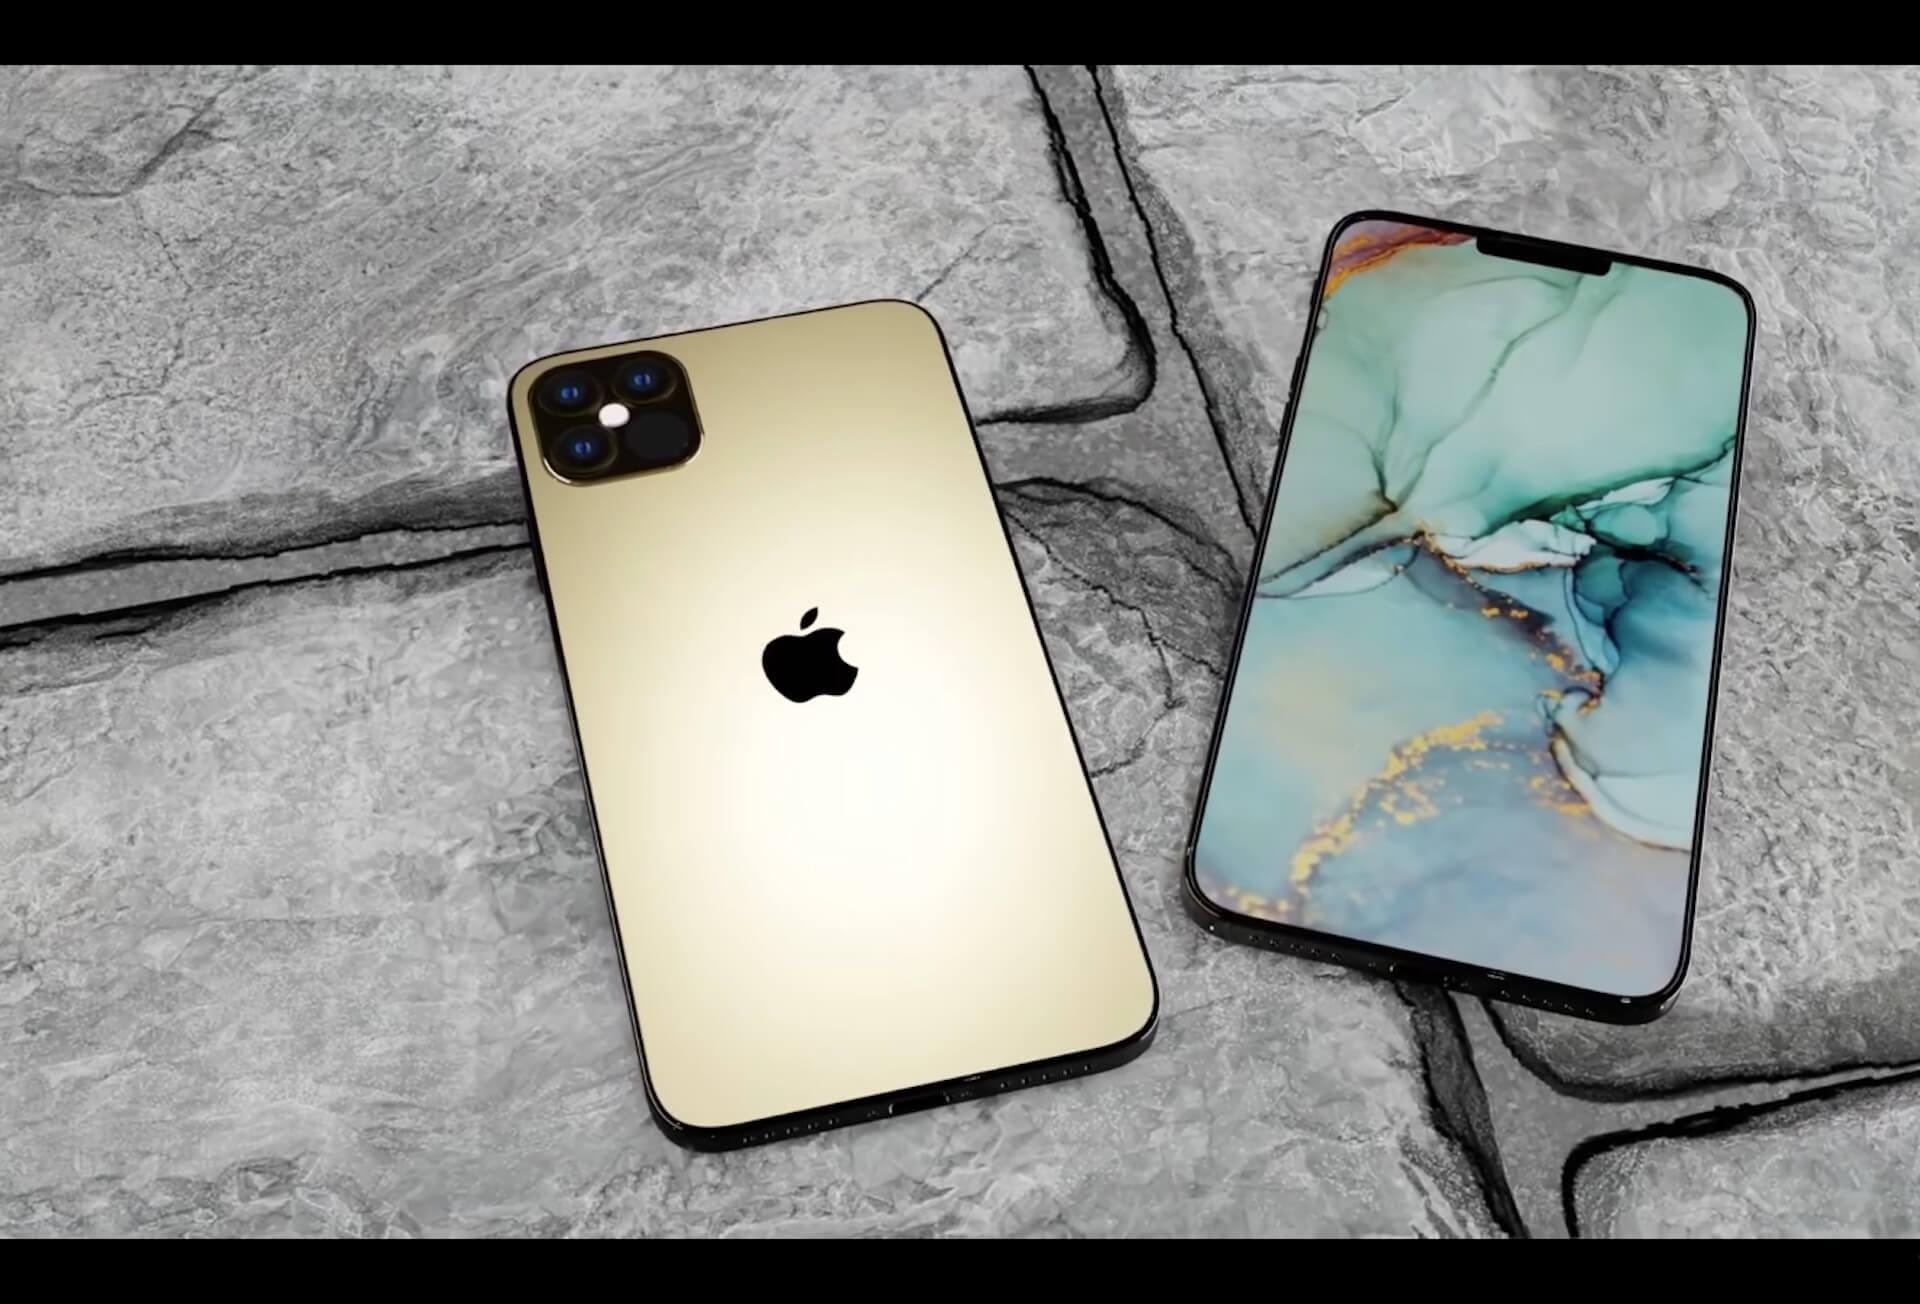 iPhone 12シリーズの新たなコンセプト映像が公開!豊富なカラーバリエーションに注目 tech200722_iphone12_main